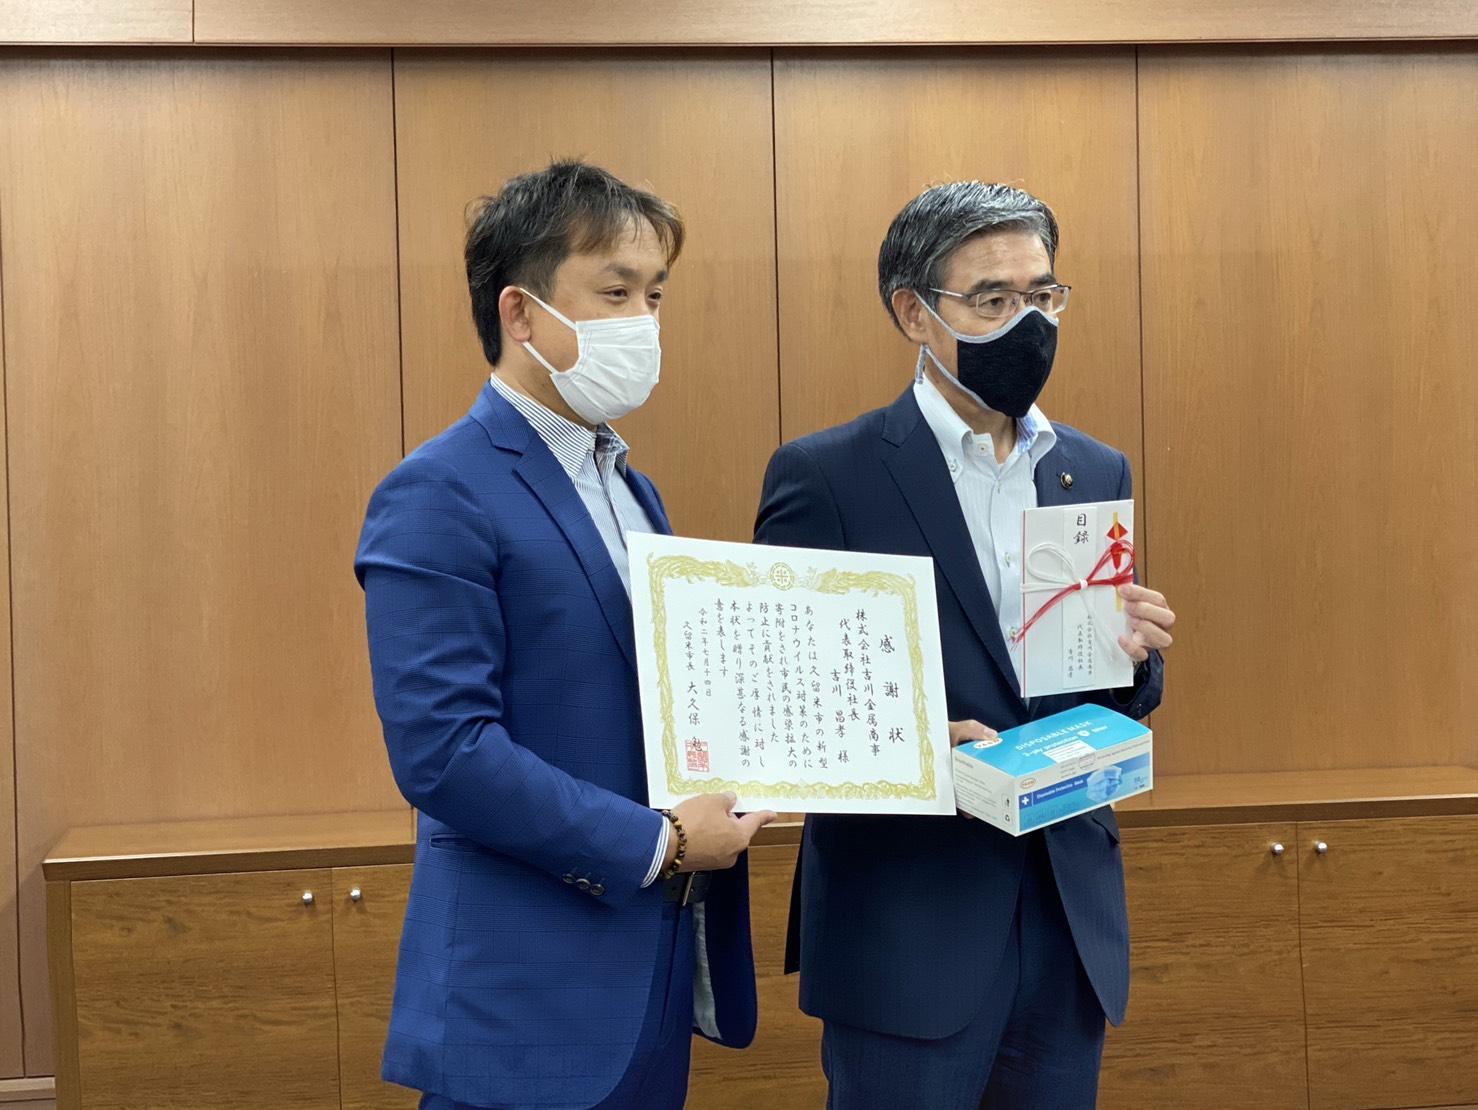 久留米市の皆様へマスクの寄付をさせて頂きました。